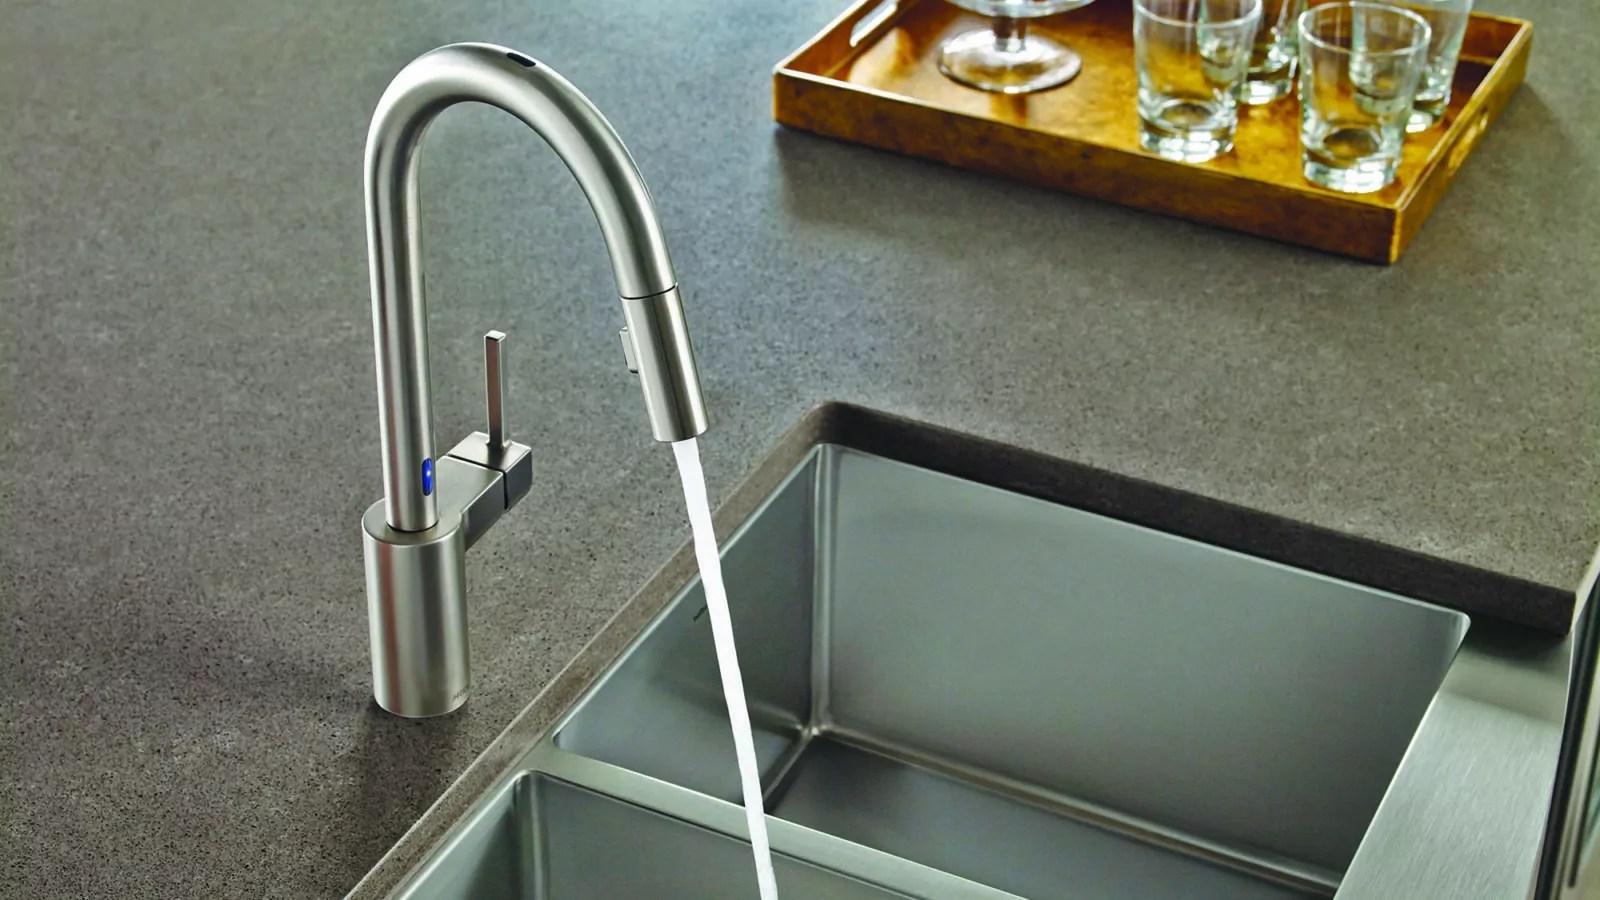 how to fix moen sensor faucet